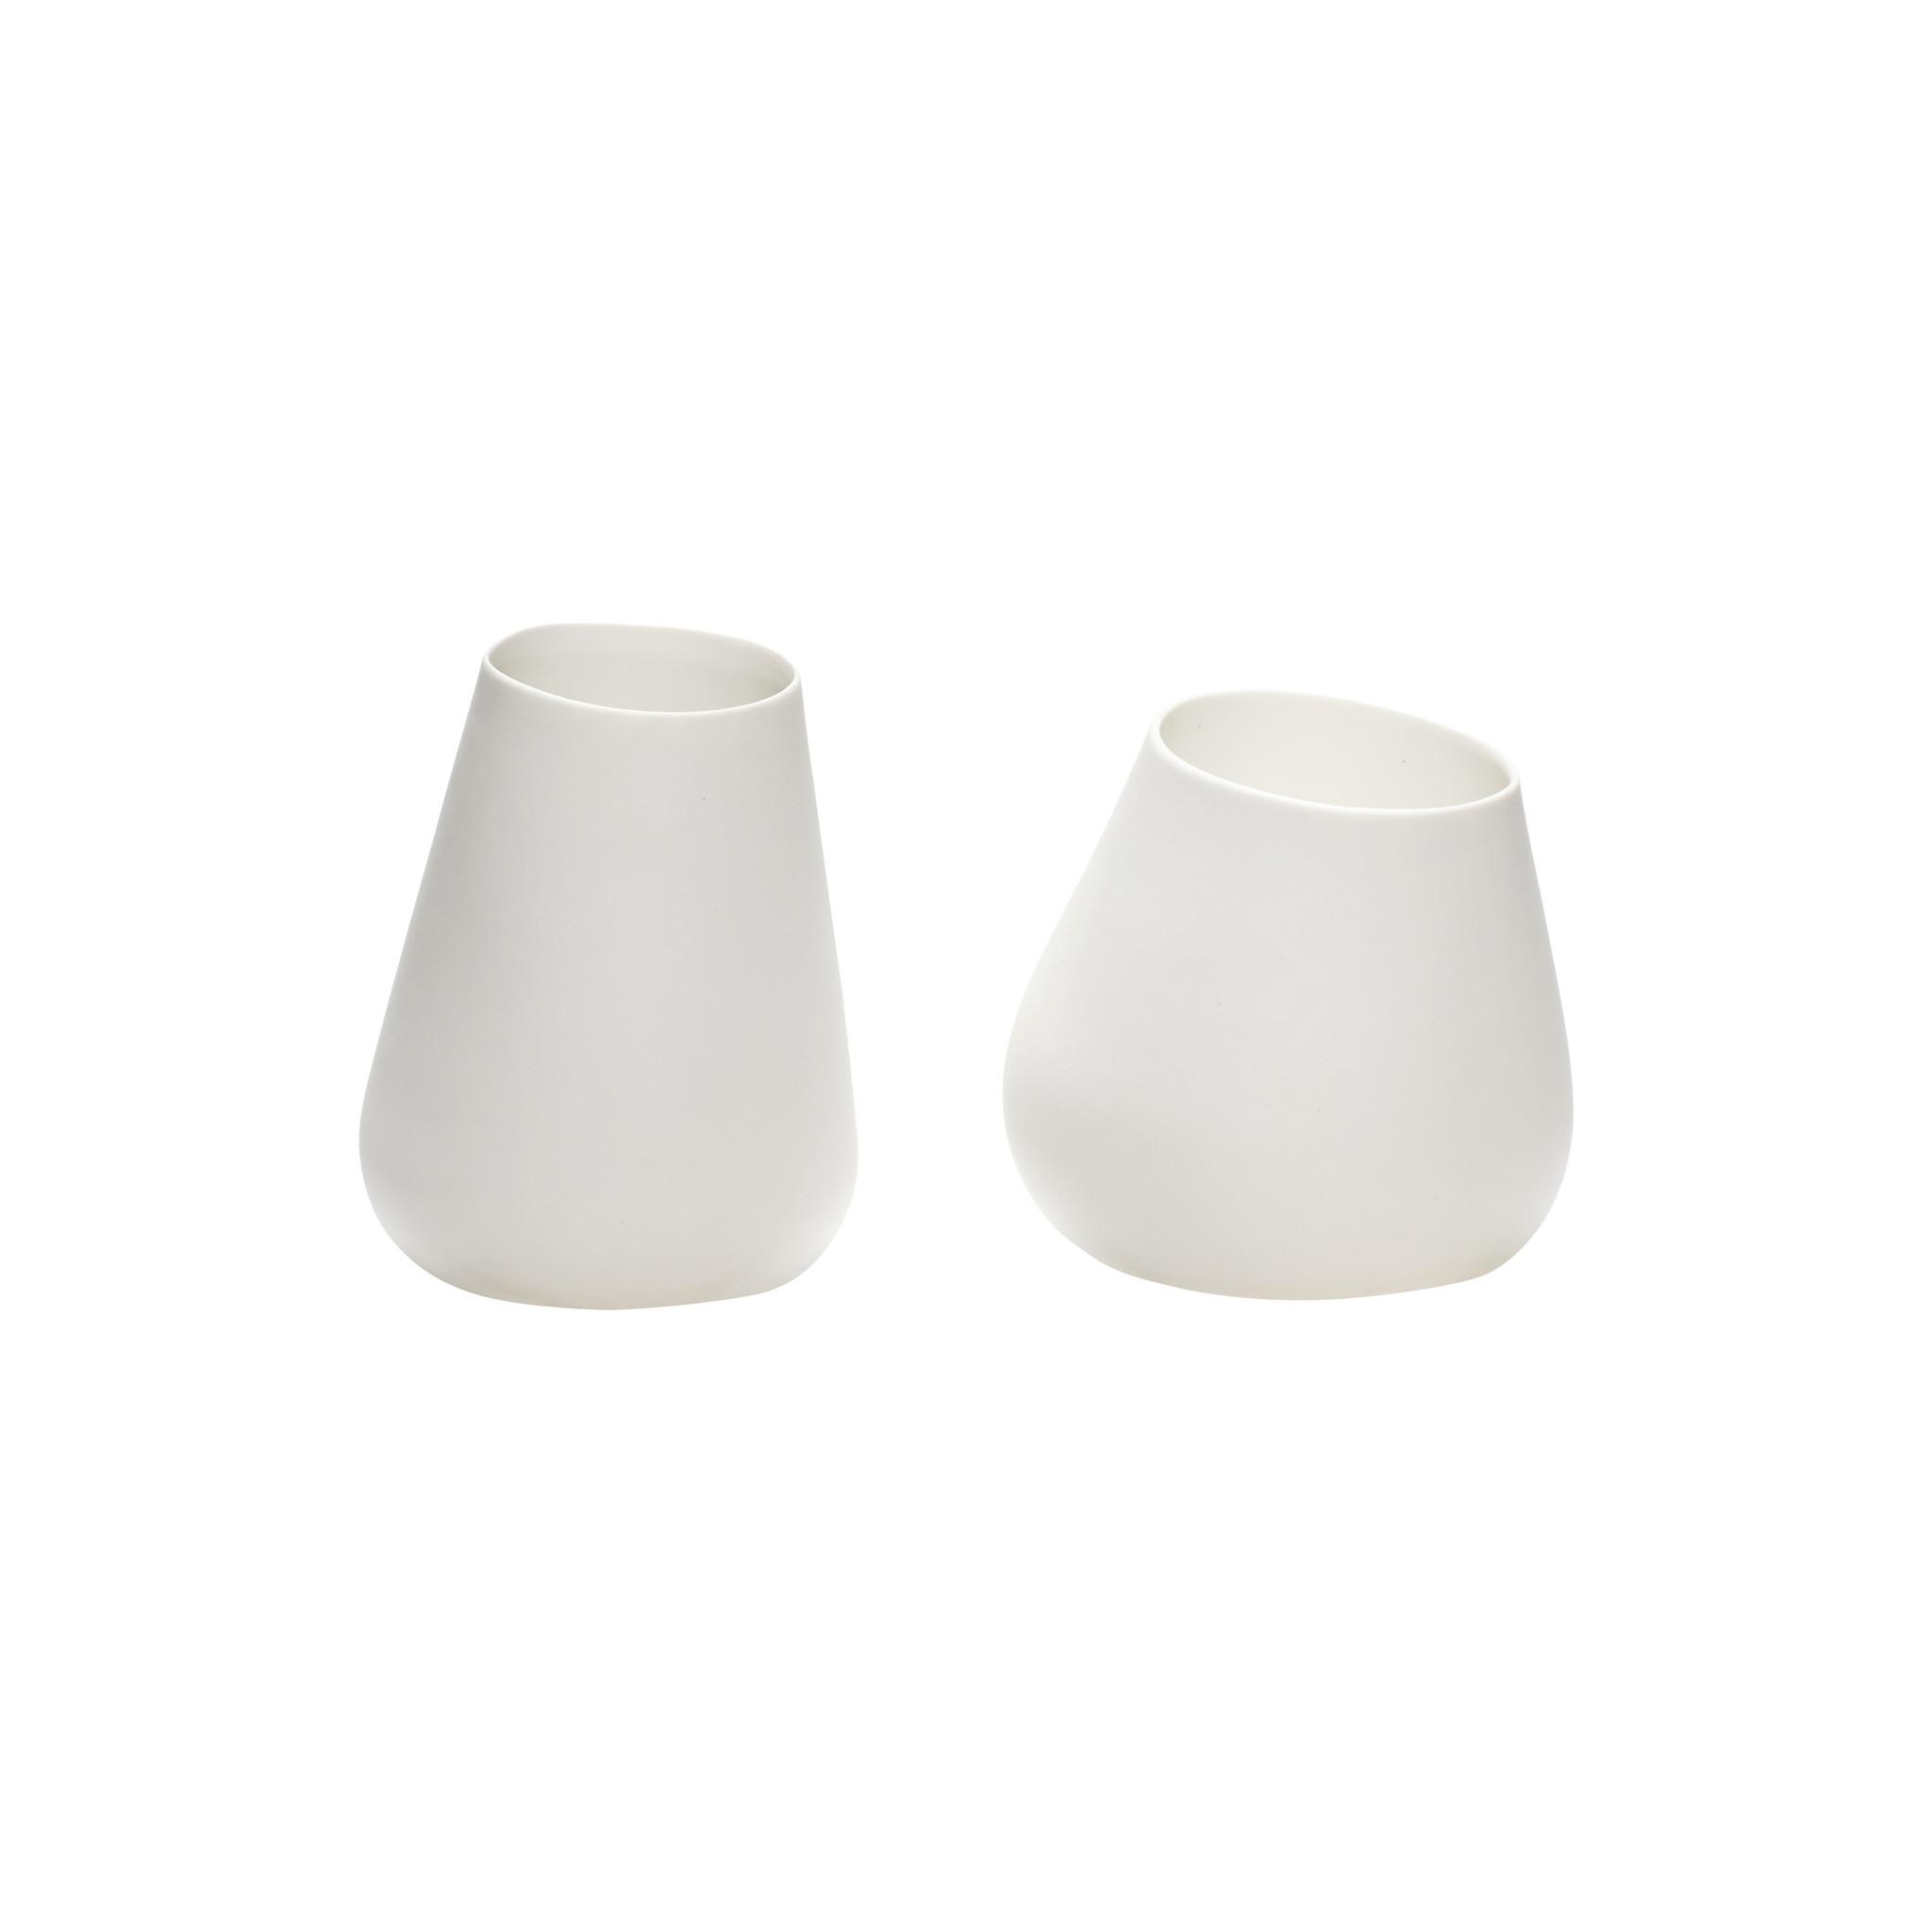 Hubsch Theelichthouder, porselein, wit, set van 2-420409-5712772058152